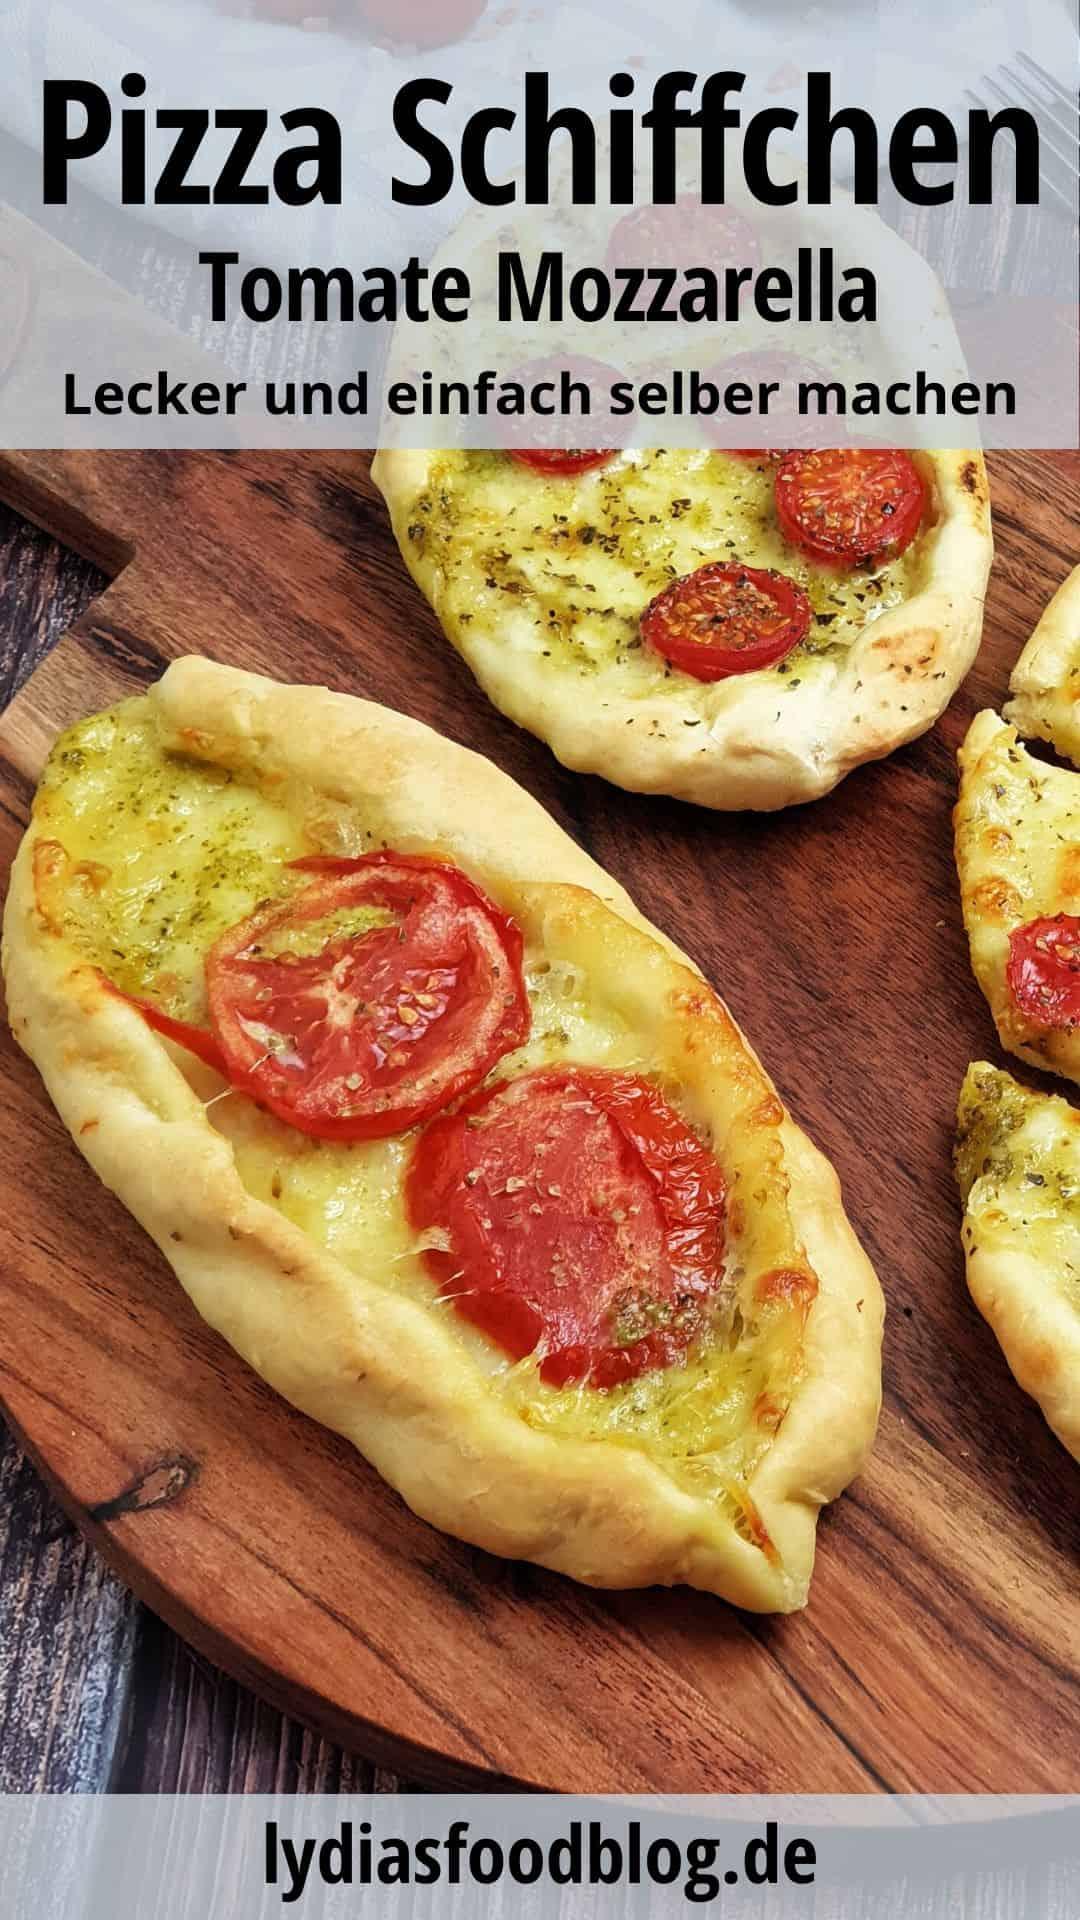 Auf einem braunen runden Brett angerichtet 3 Tomate Mozzarella Teig Schiffchen. Daneben Deko und Besteck.